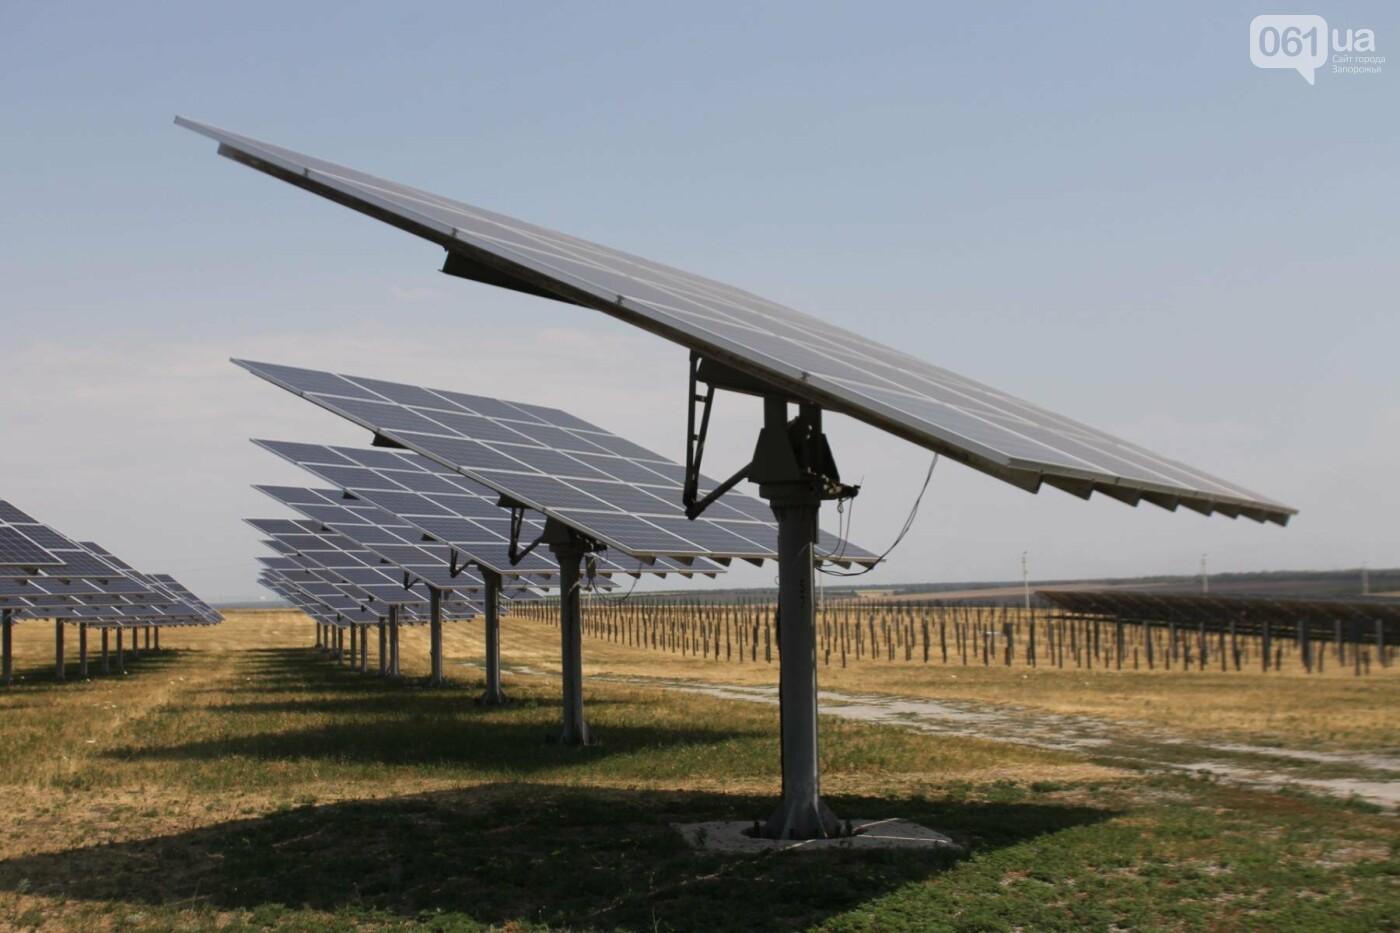 Как в Запорожской области работает крупнейшая в Украине солнечная станция: экскурсия на производство, — ФОТОРЕПОРТАЖ, фото-43